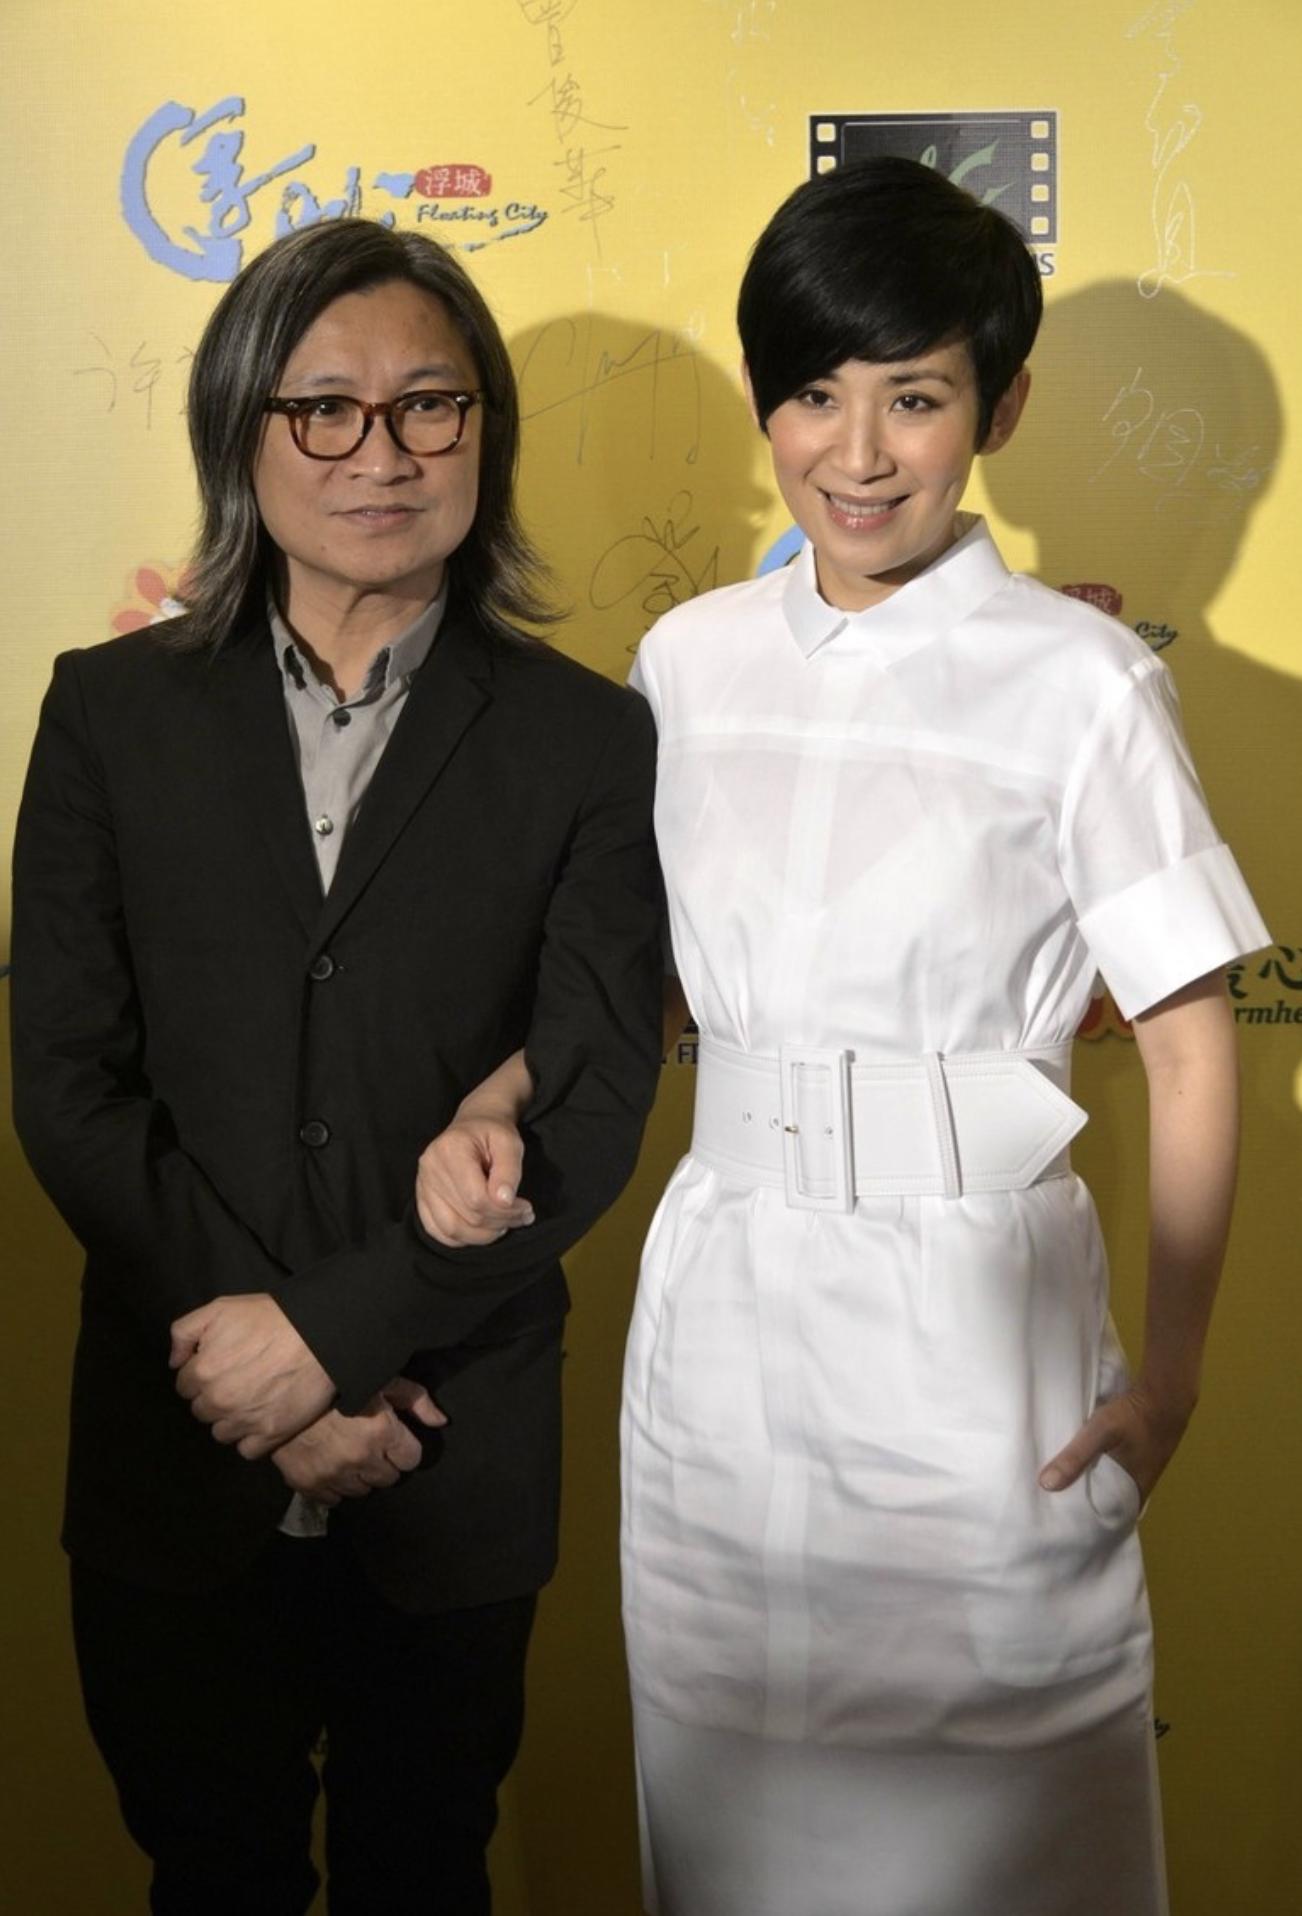 吴君如15岁女儿客串出演电影,获100元片酬,对入行拍戏兴趣不大